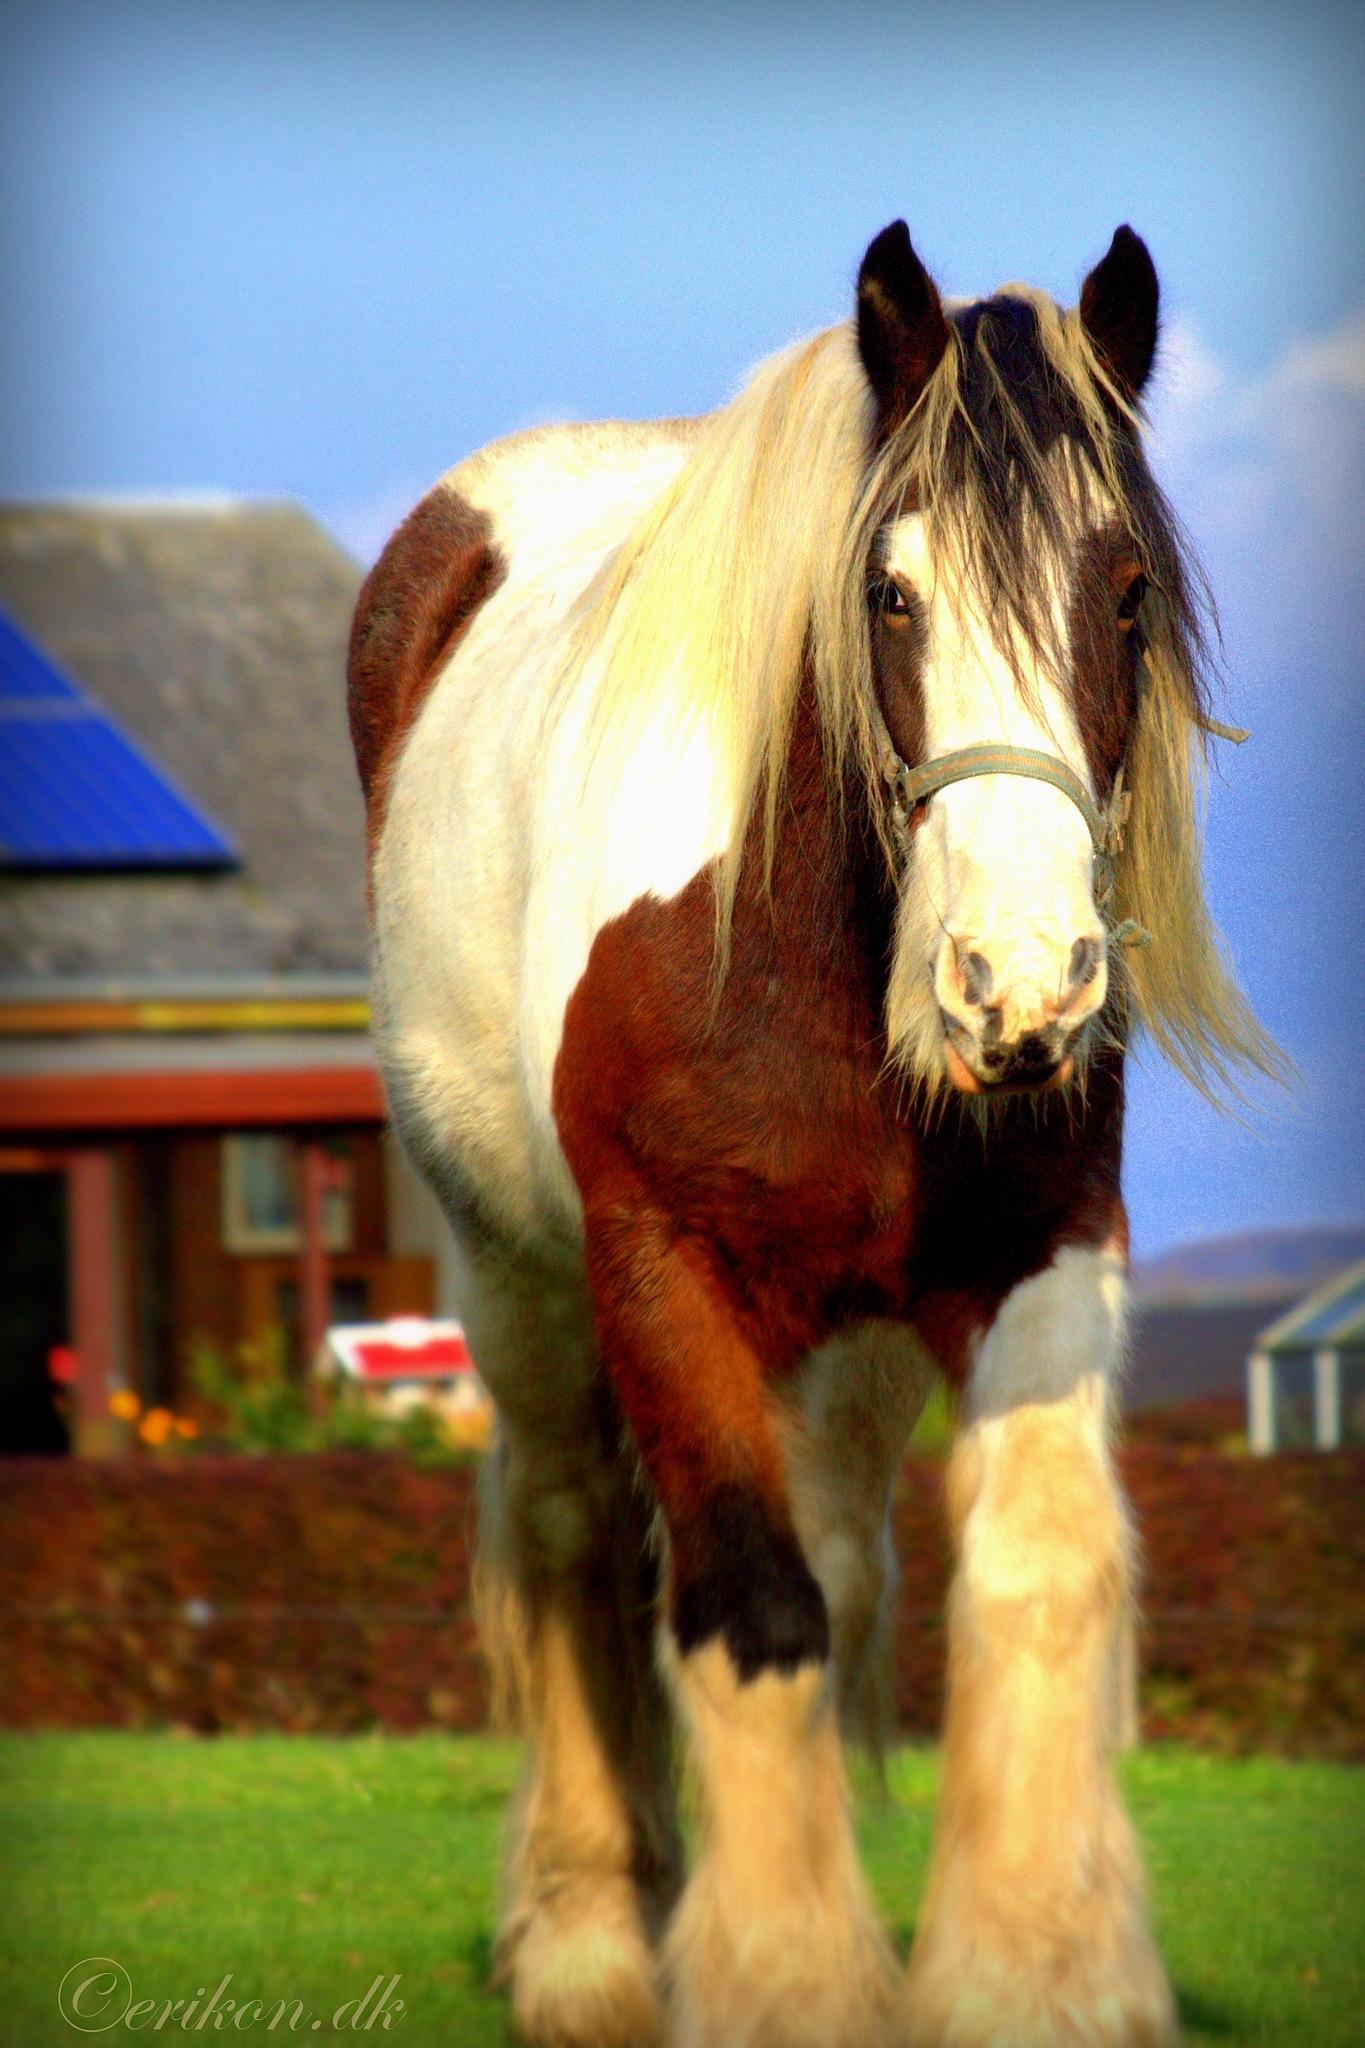 a stallion by Erik Nielsen/www.erikon.dk